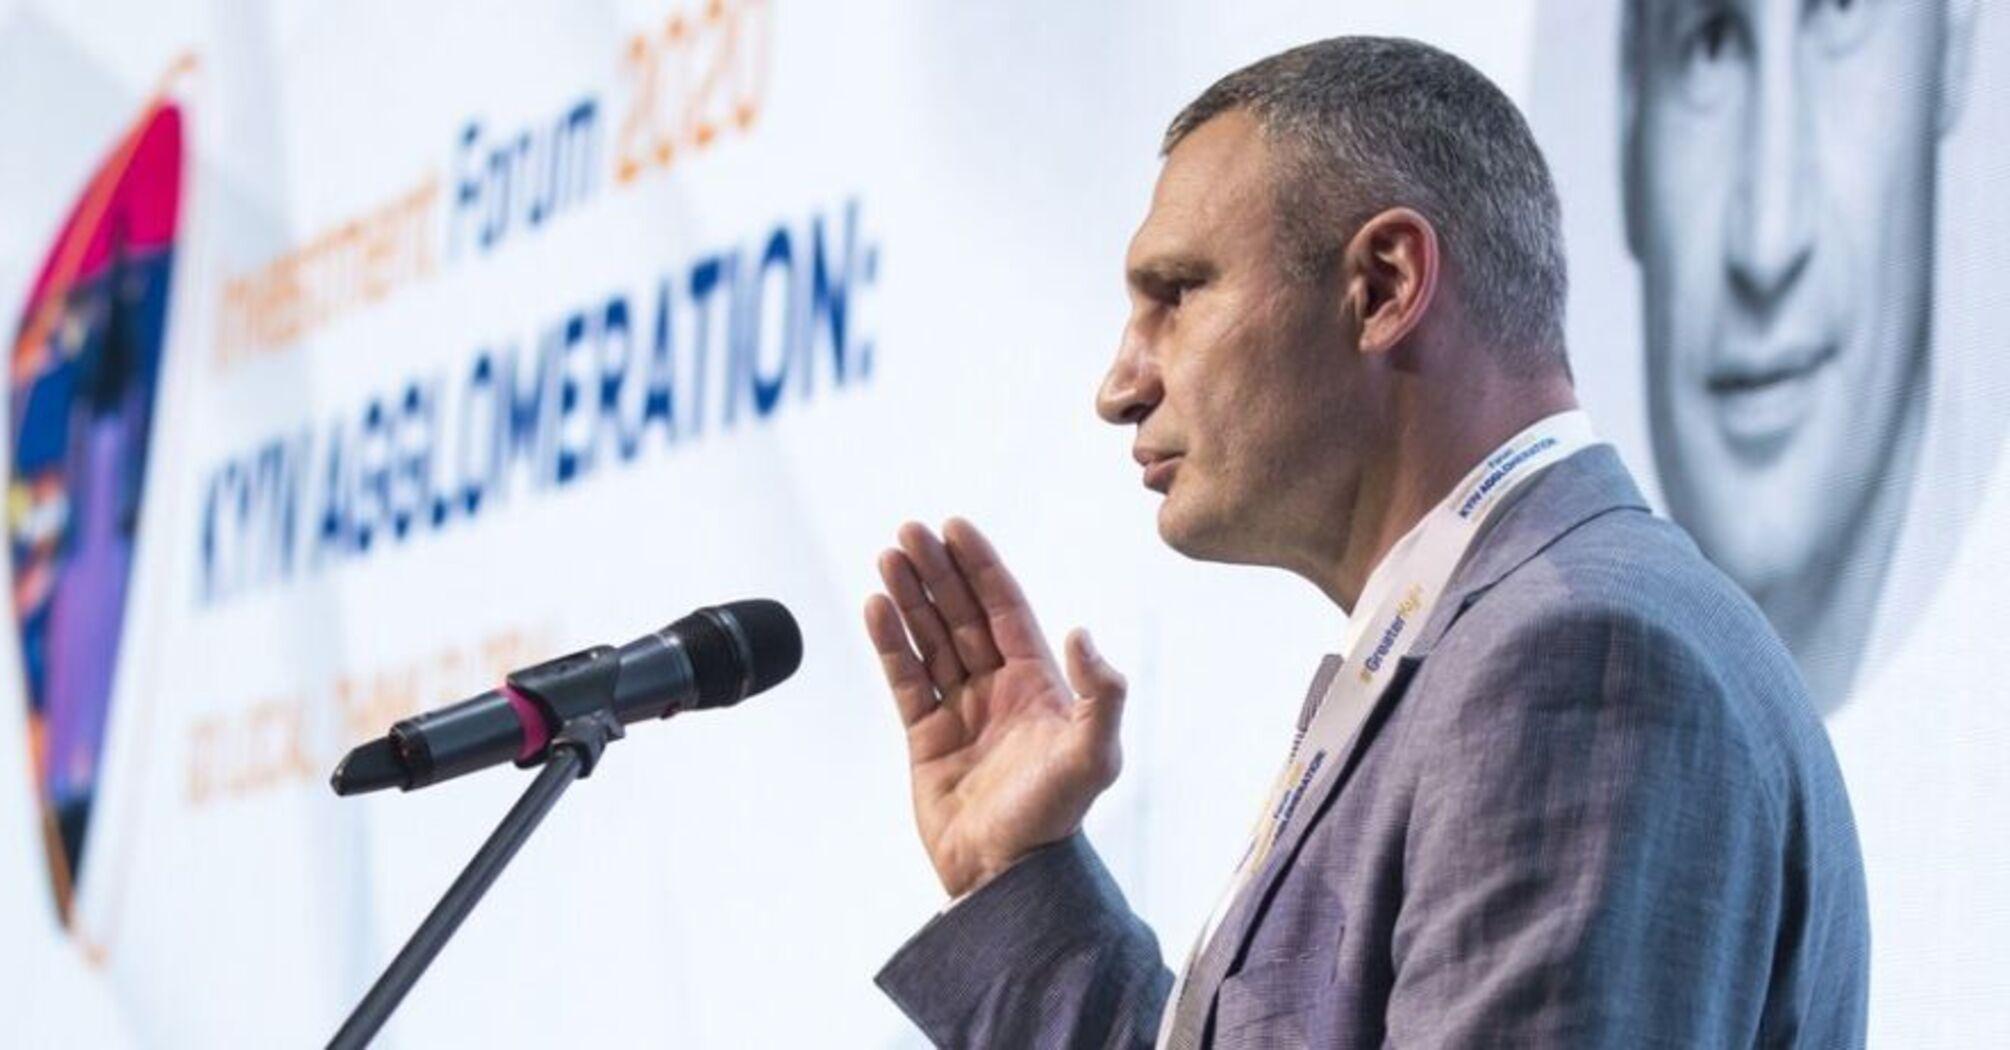 Кличко открыл Инвестиционный форум Киева и рассказал о вызовах из-за пандемии COVID-19